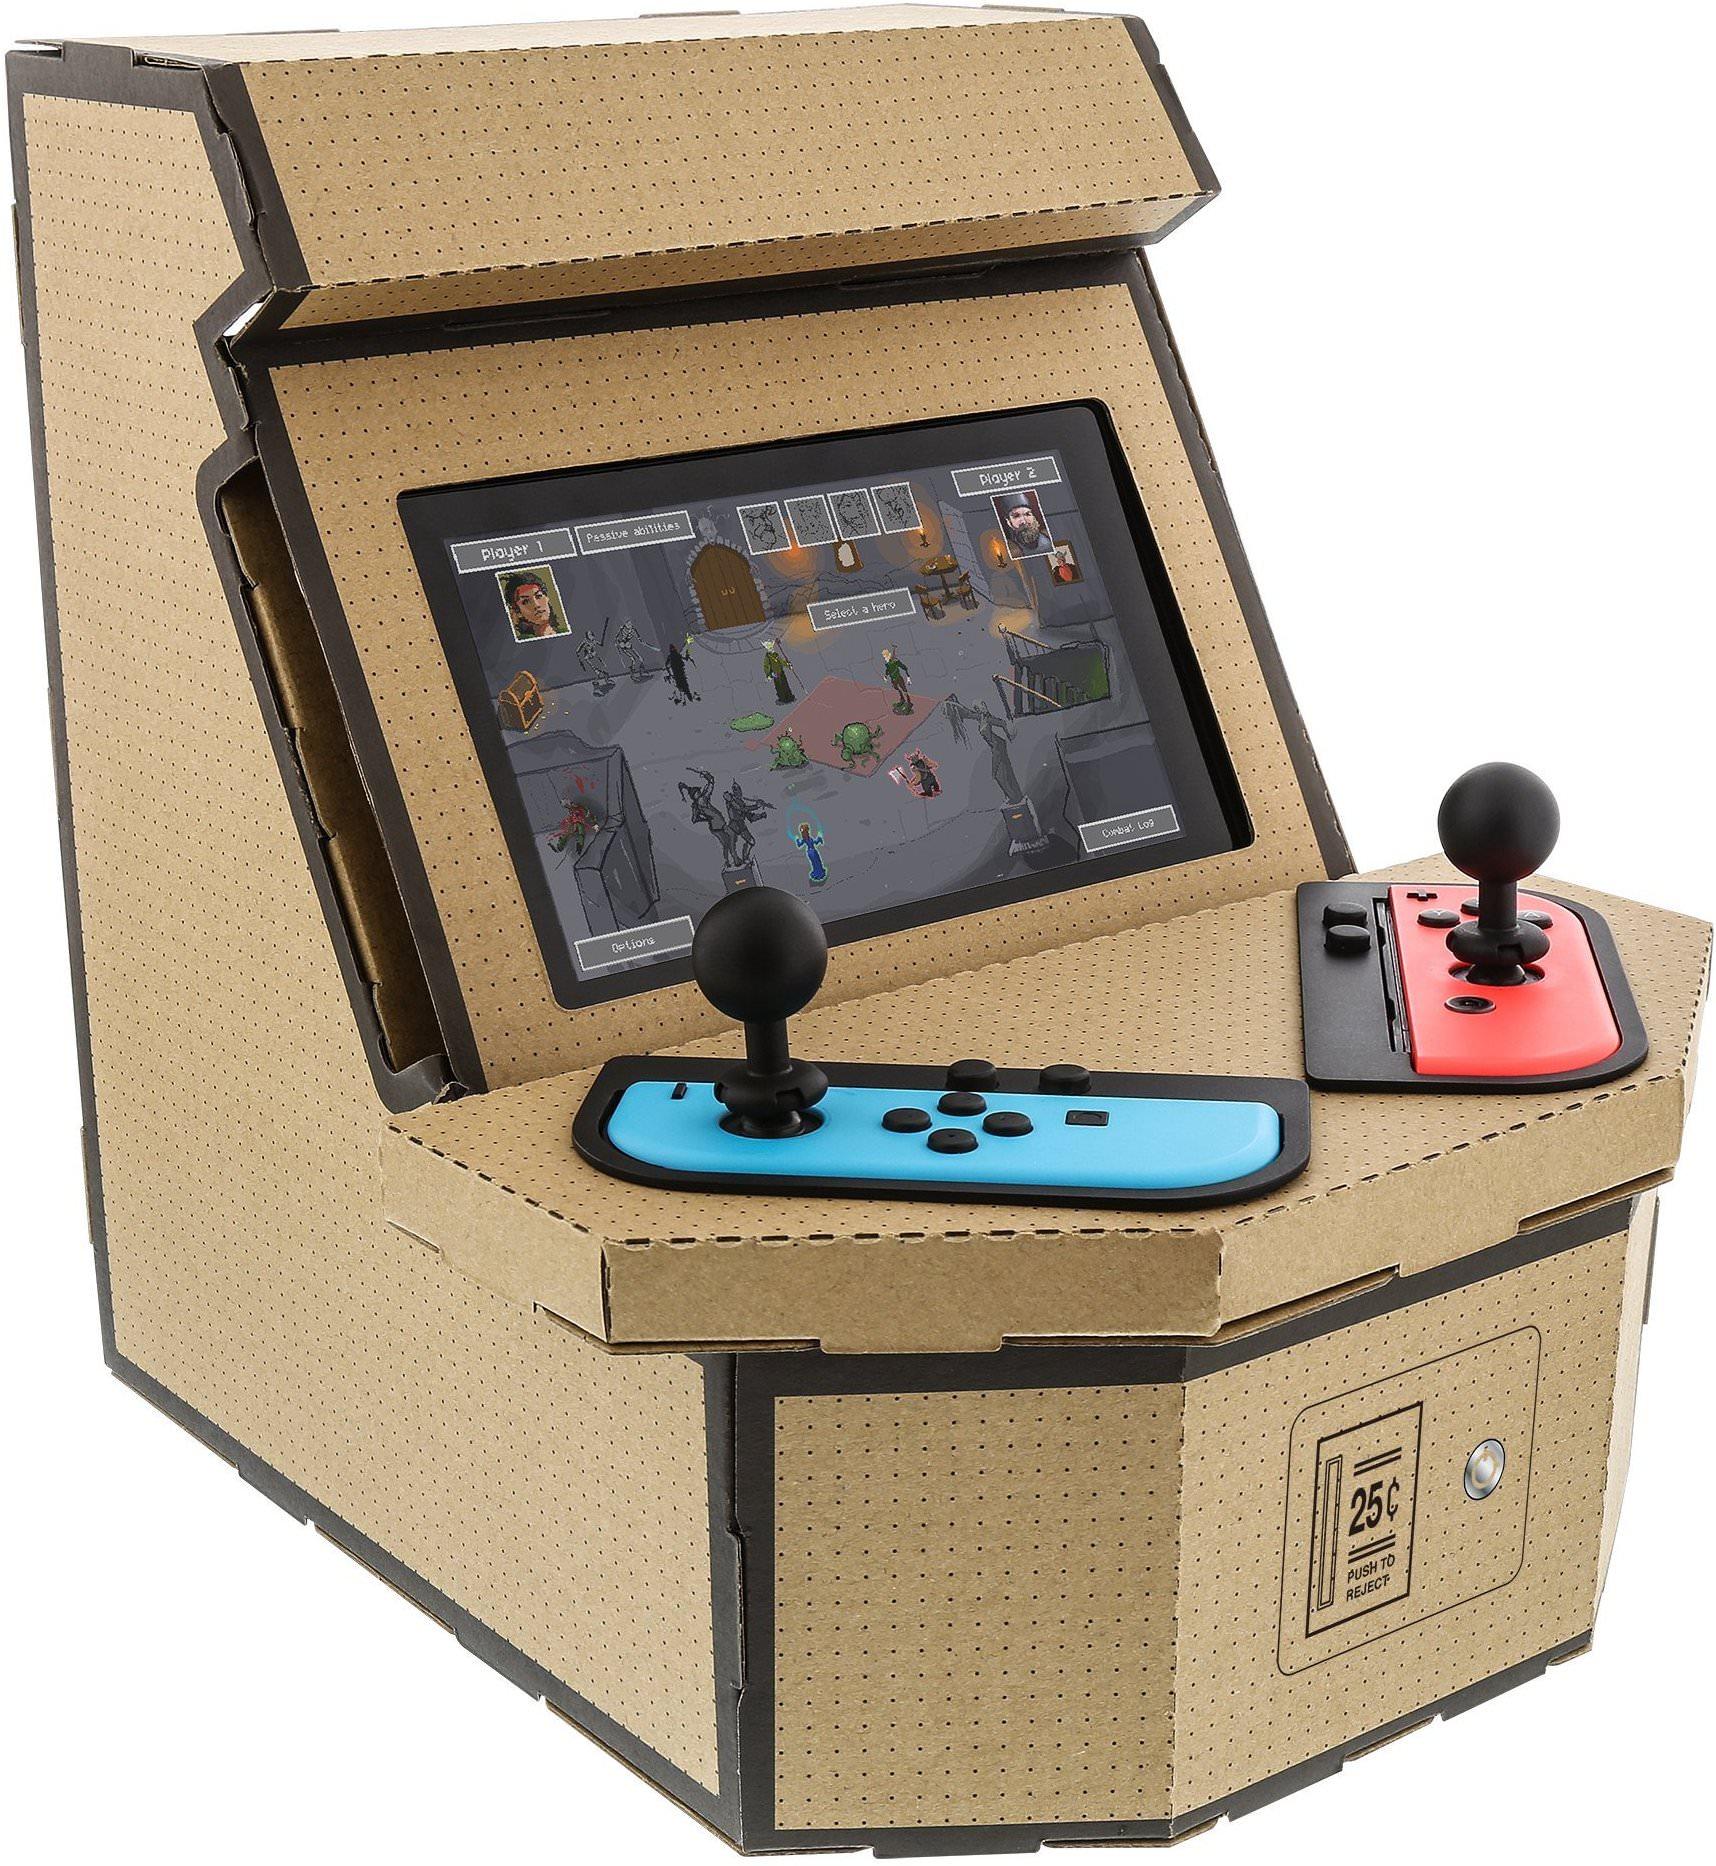 Kit personalizado do Nintendo Labo transforma seu Switch em um arcade